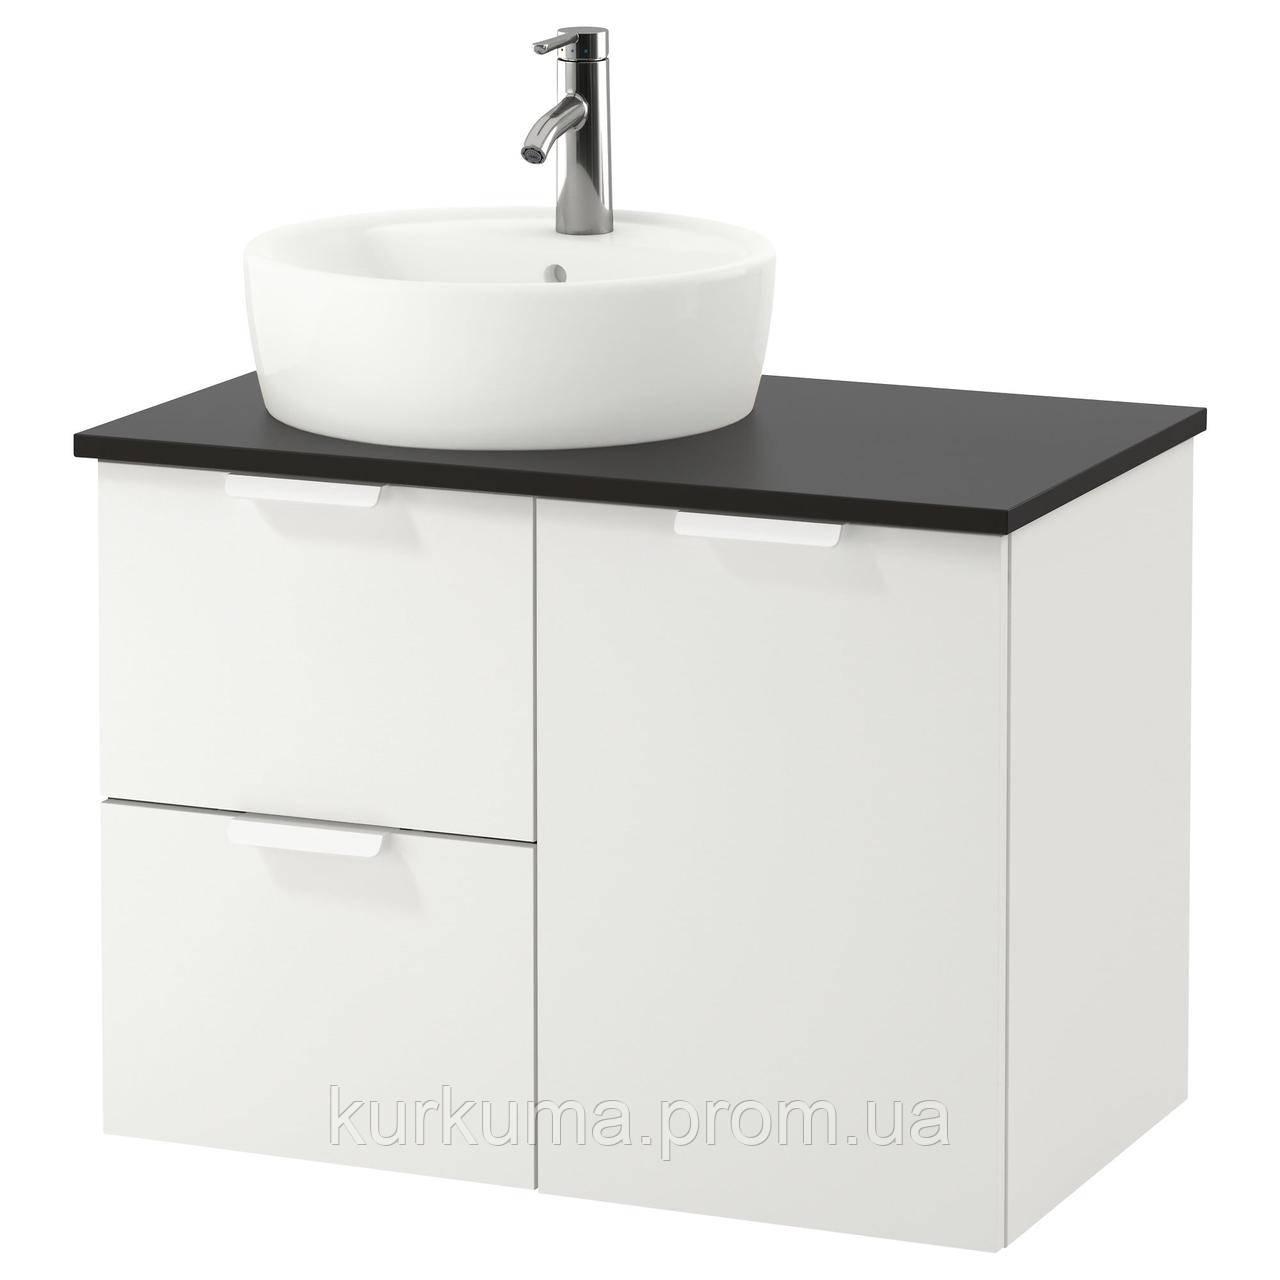 IKEA GODMORGON/TOLKEN/TORNVIKEN Шкаф под умывальник с раковиной 45 см, белый, антрацит  (191.910.71)